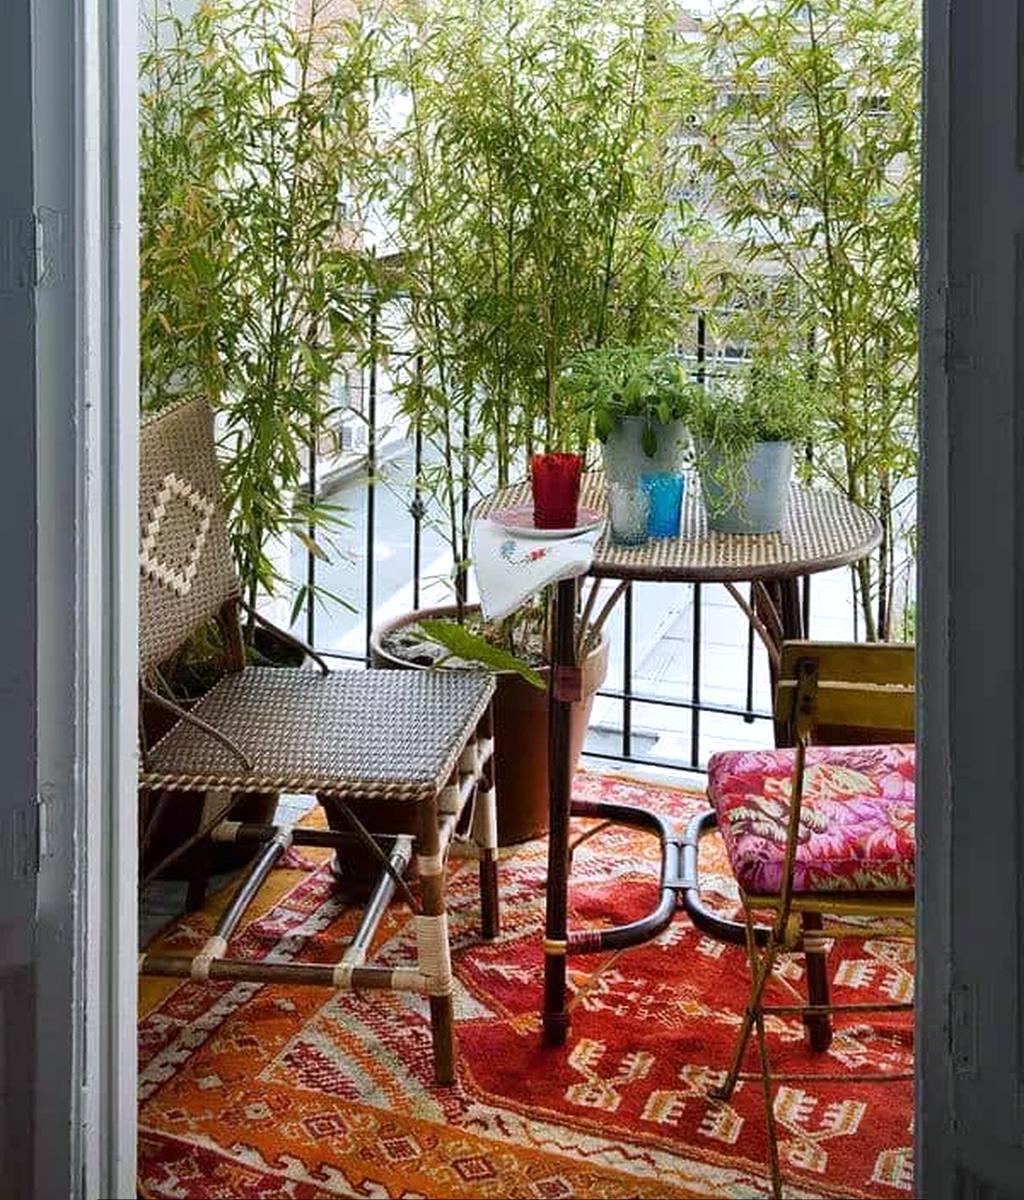 Stunning Apartment Balcony Garden Ideas Look Beautiful 25